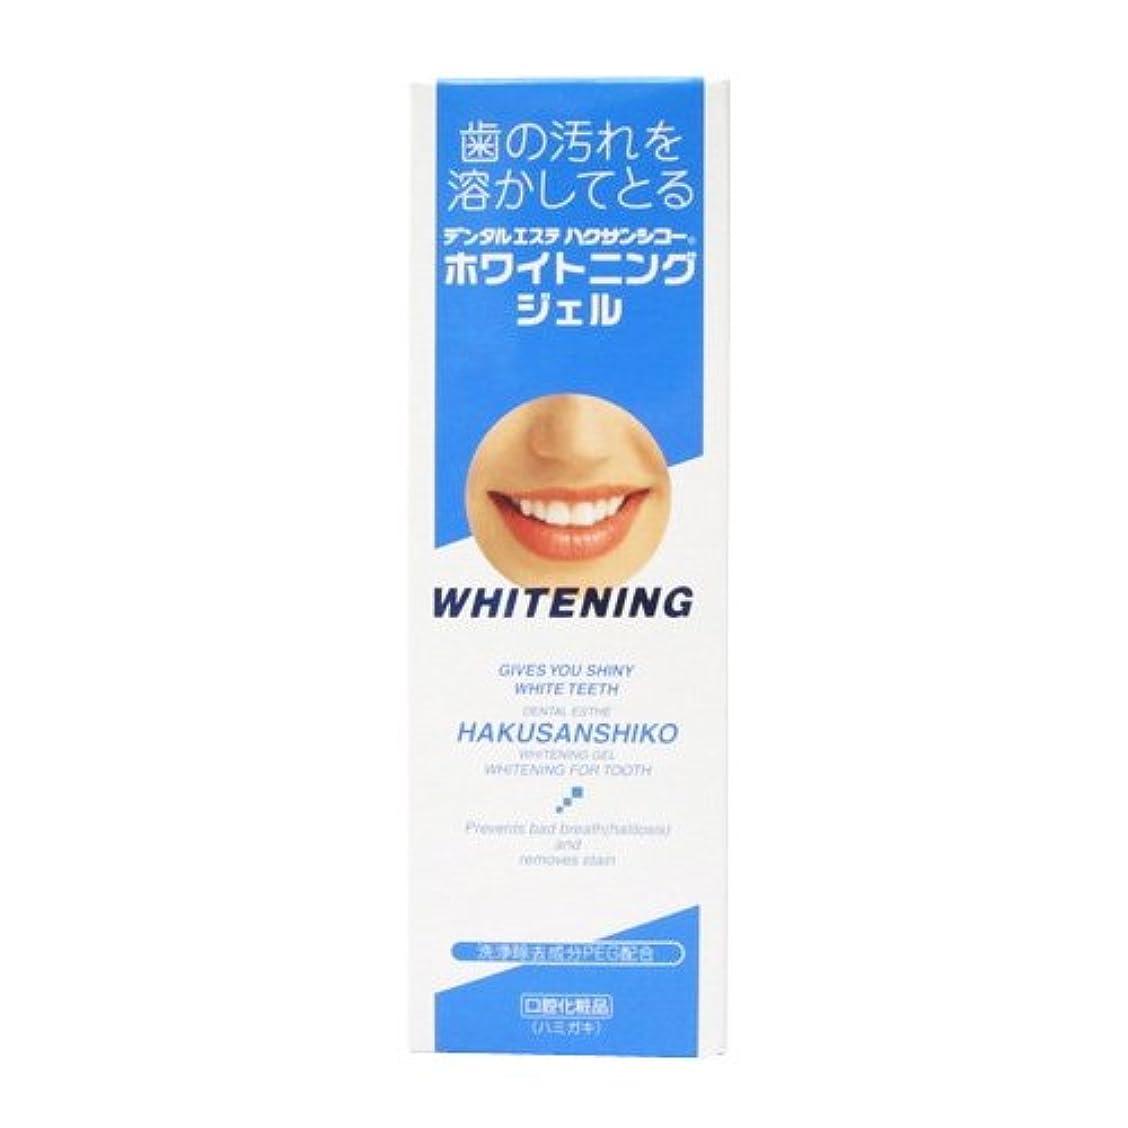 肌寒いロック解除生物学中薬 ハクサンシコー ホワイトニングジェル70g